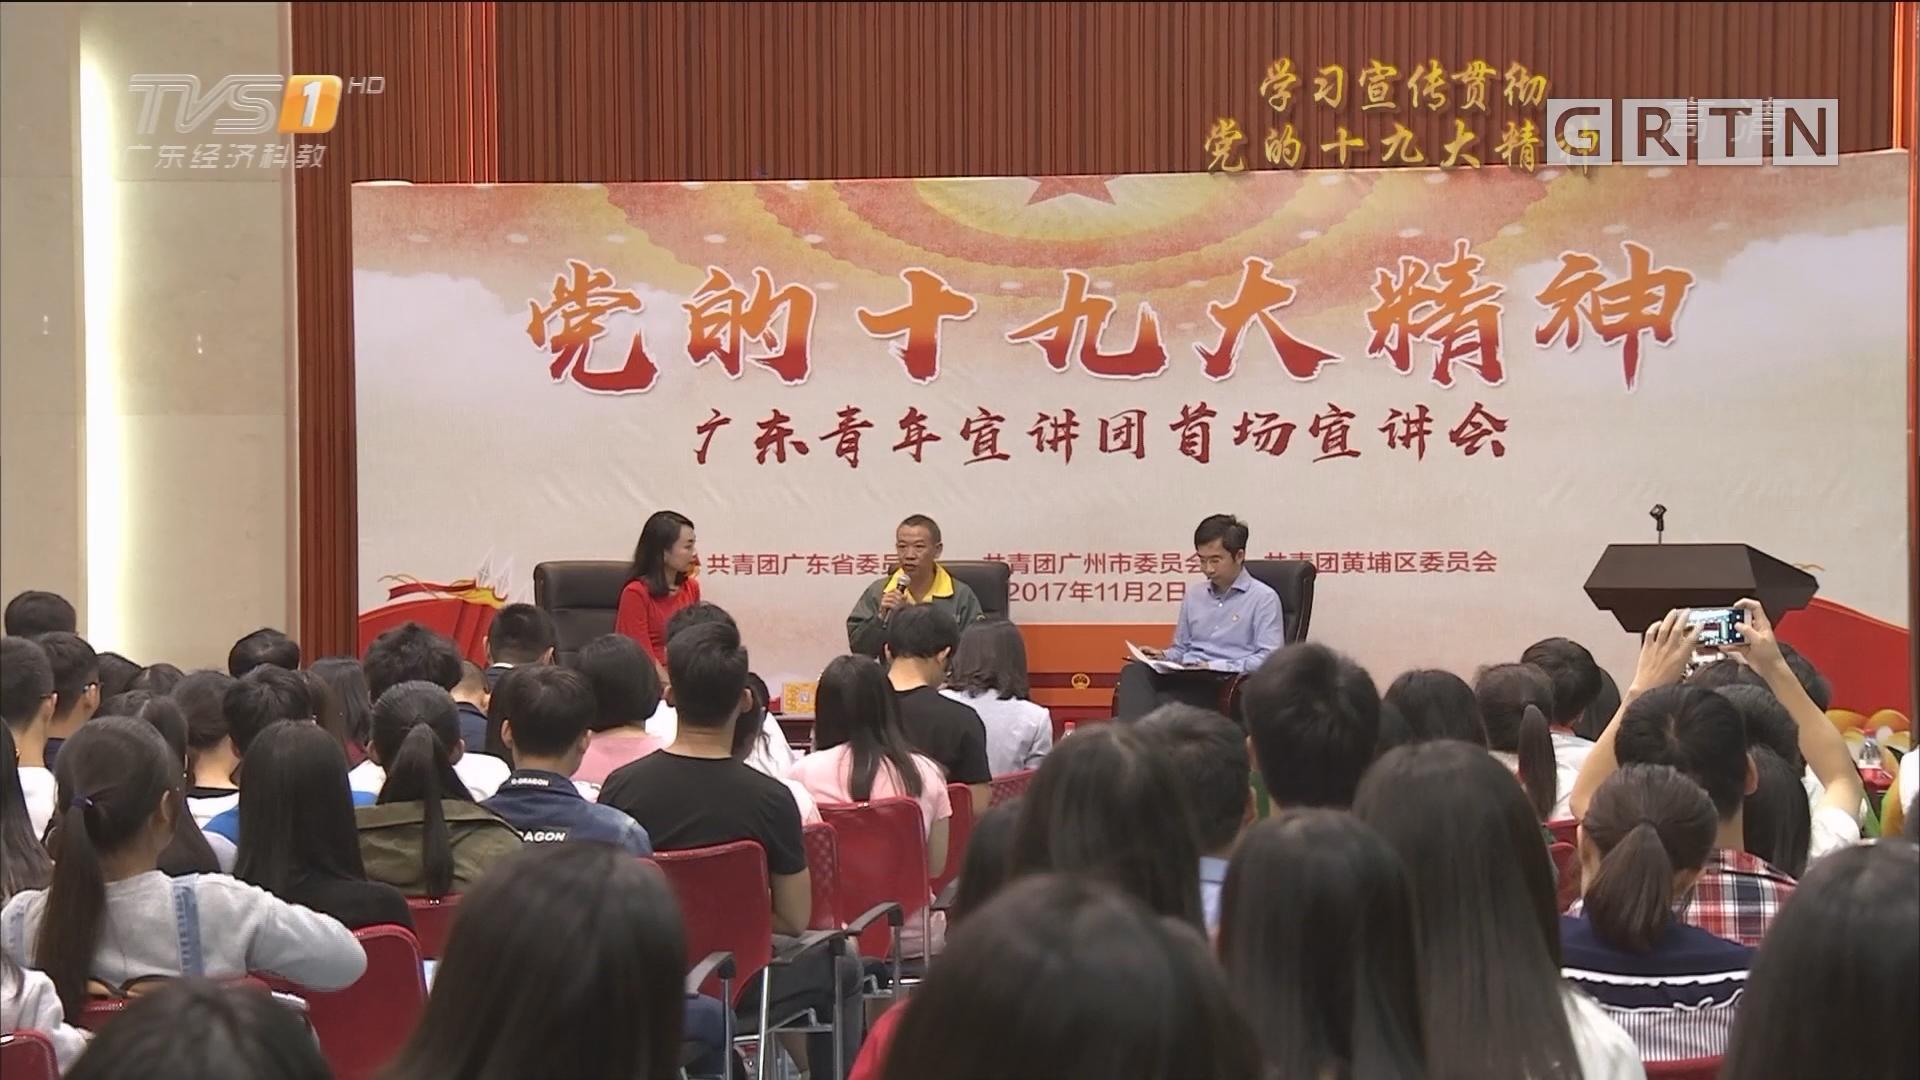 """党代表在基层:""""党的十九大精神"""" 广东青年宣讲团举行首场宣讲"""